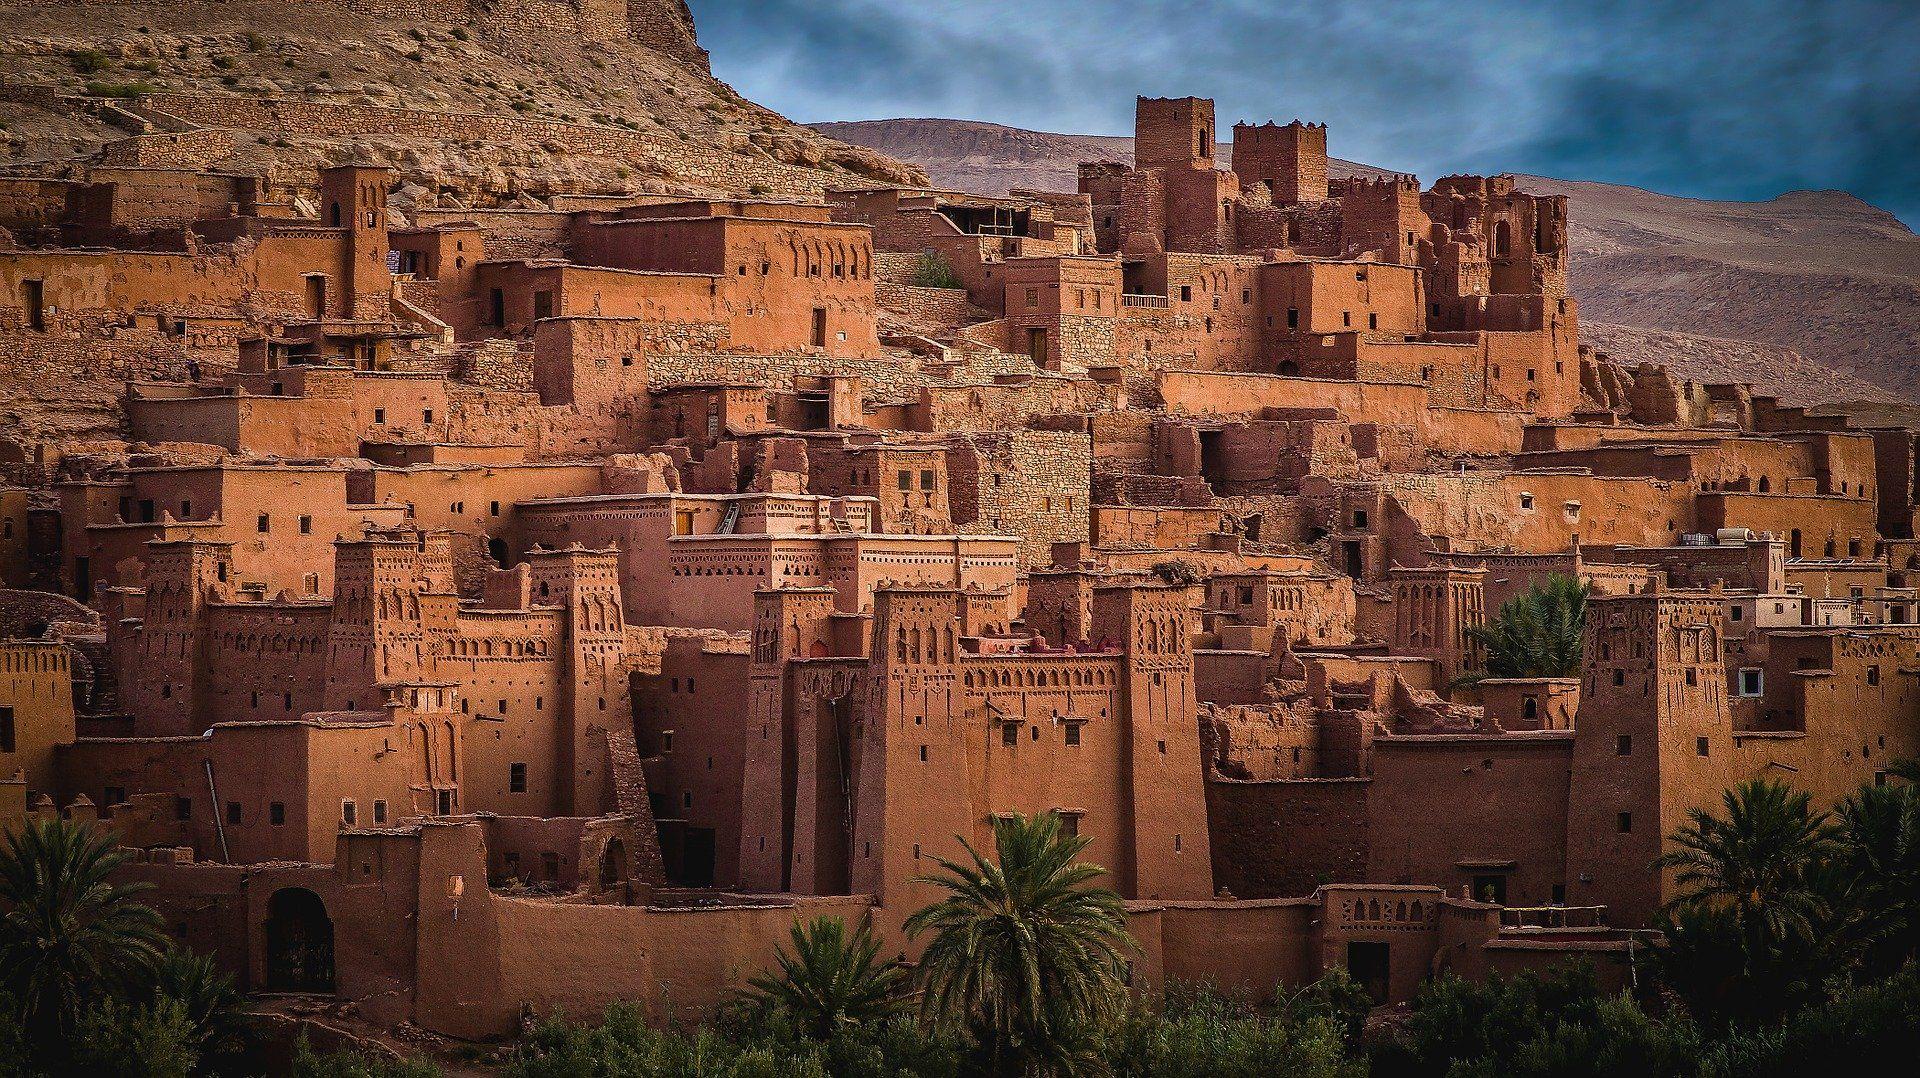 Guía de viaje a Marruecos: todo lo que debe saber del turismo en Marruecos